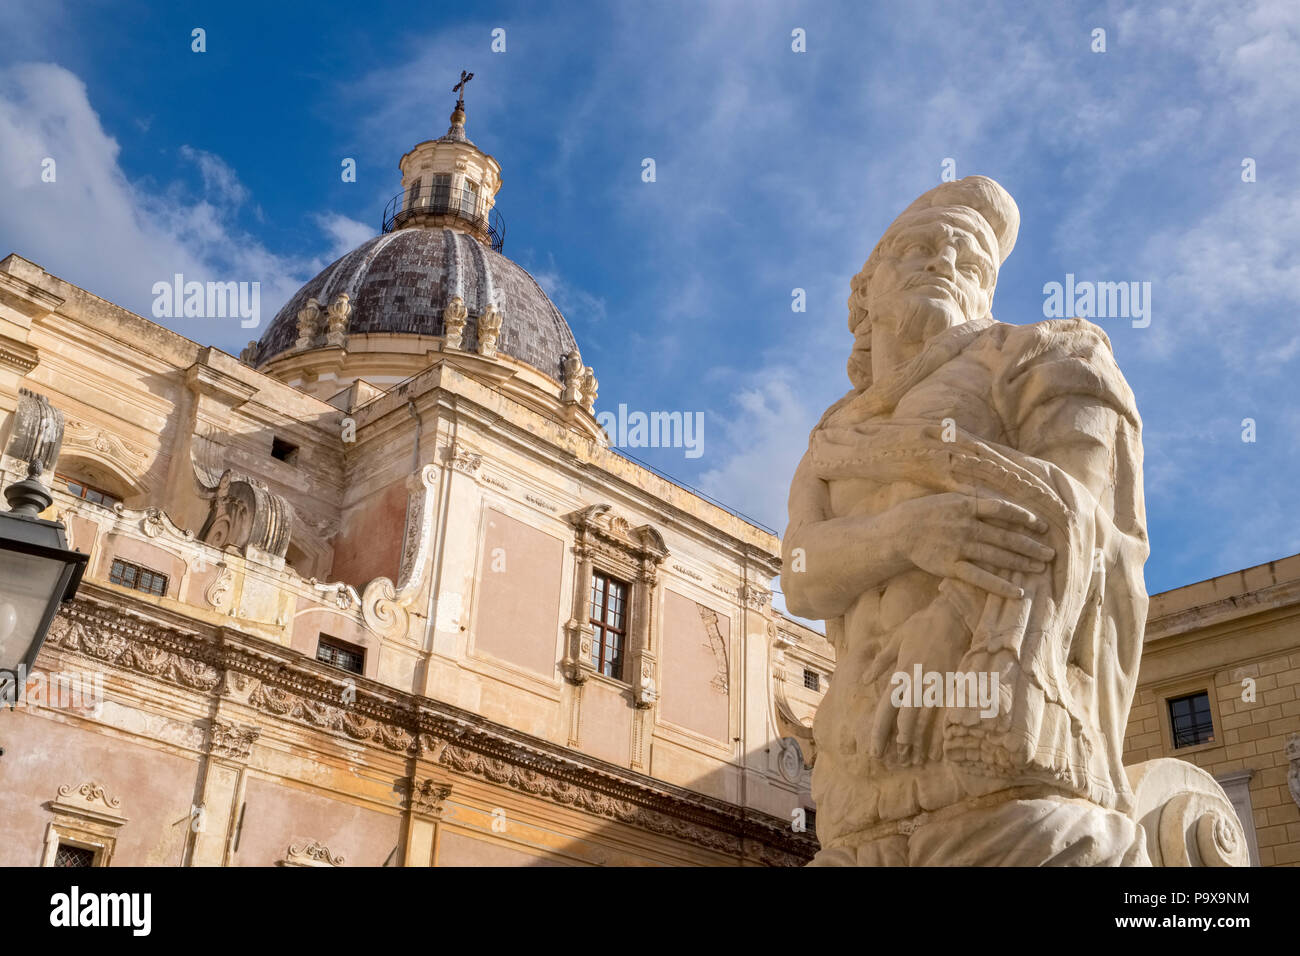 Partie de la Fontana Pretoria, Fontaine prétorienne, sur la Piazza Pretoria à Palerme, Sicile, Italie, Europe montrant Santa Caterina dome dans l'arrière-plan Photo Stock